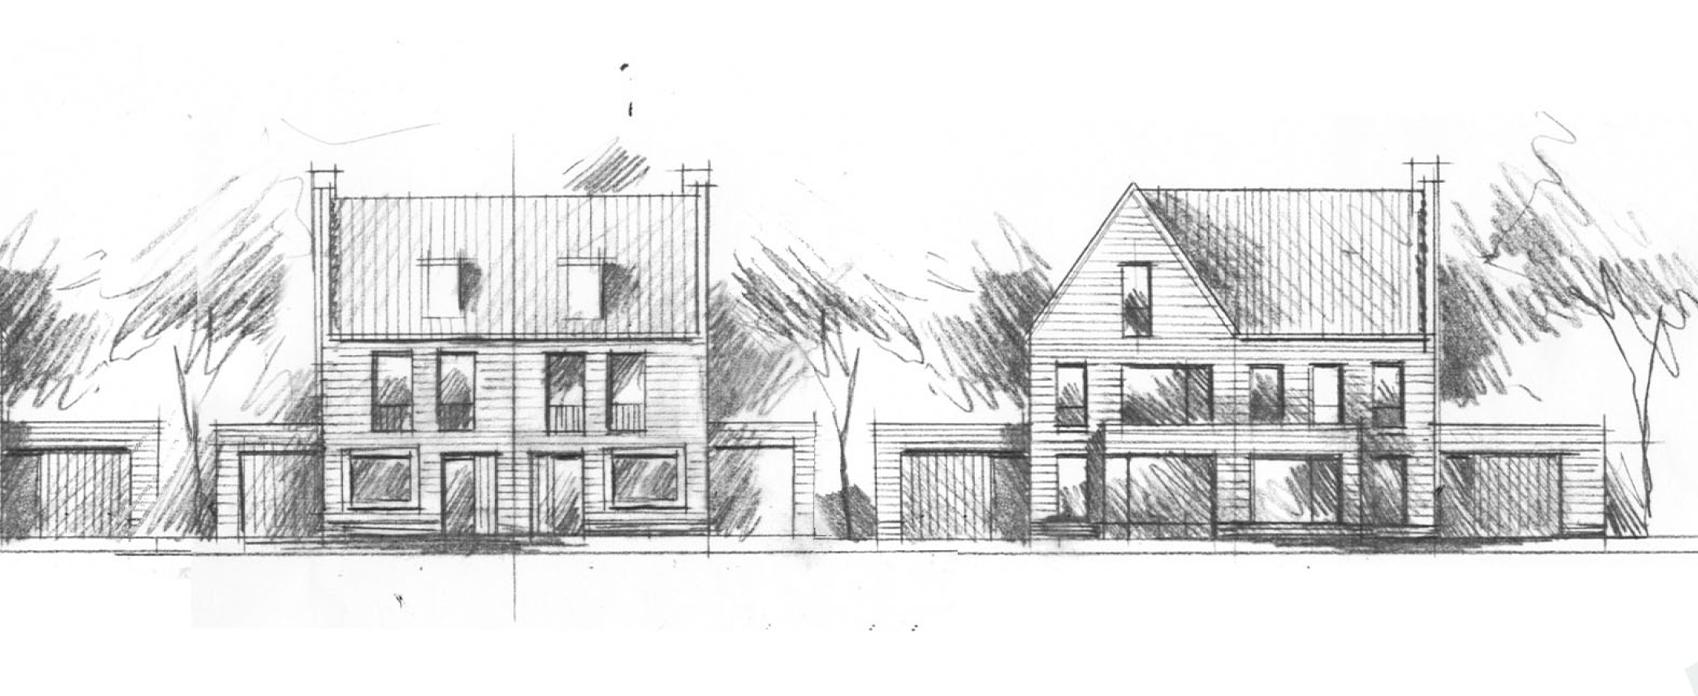 2^1 kapwoningen - De 2^1 kapwoningen bestaan uit 2 verdiepingen en een zolder. De woningen zijn gepositioneerd op mooie kavels met een eigen garage en oprit. Er zijn in basis 2 typen 2^1 kappers, de kleinere en de grotere. De woningen hebben een oppervlakte van ca. 125m2 en ca. 153 m2 GBO.